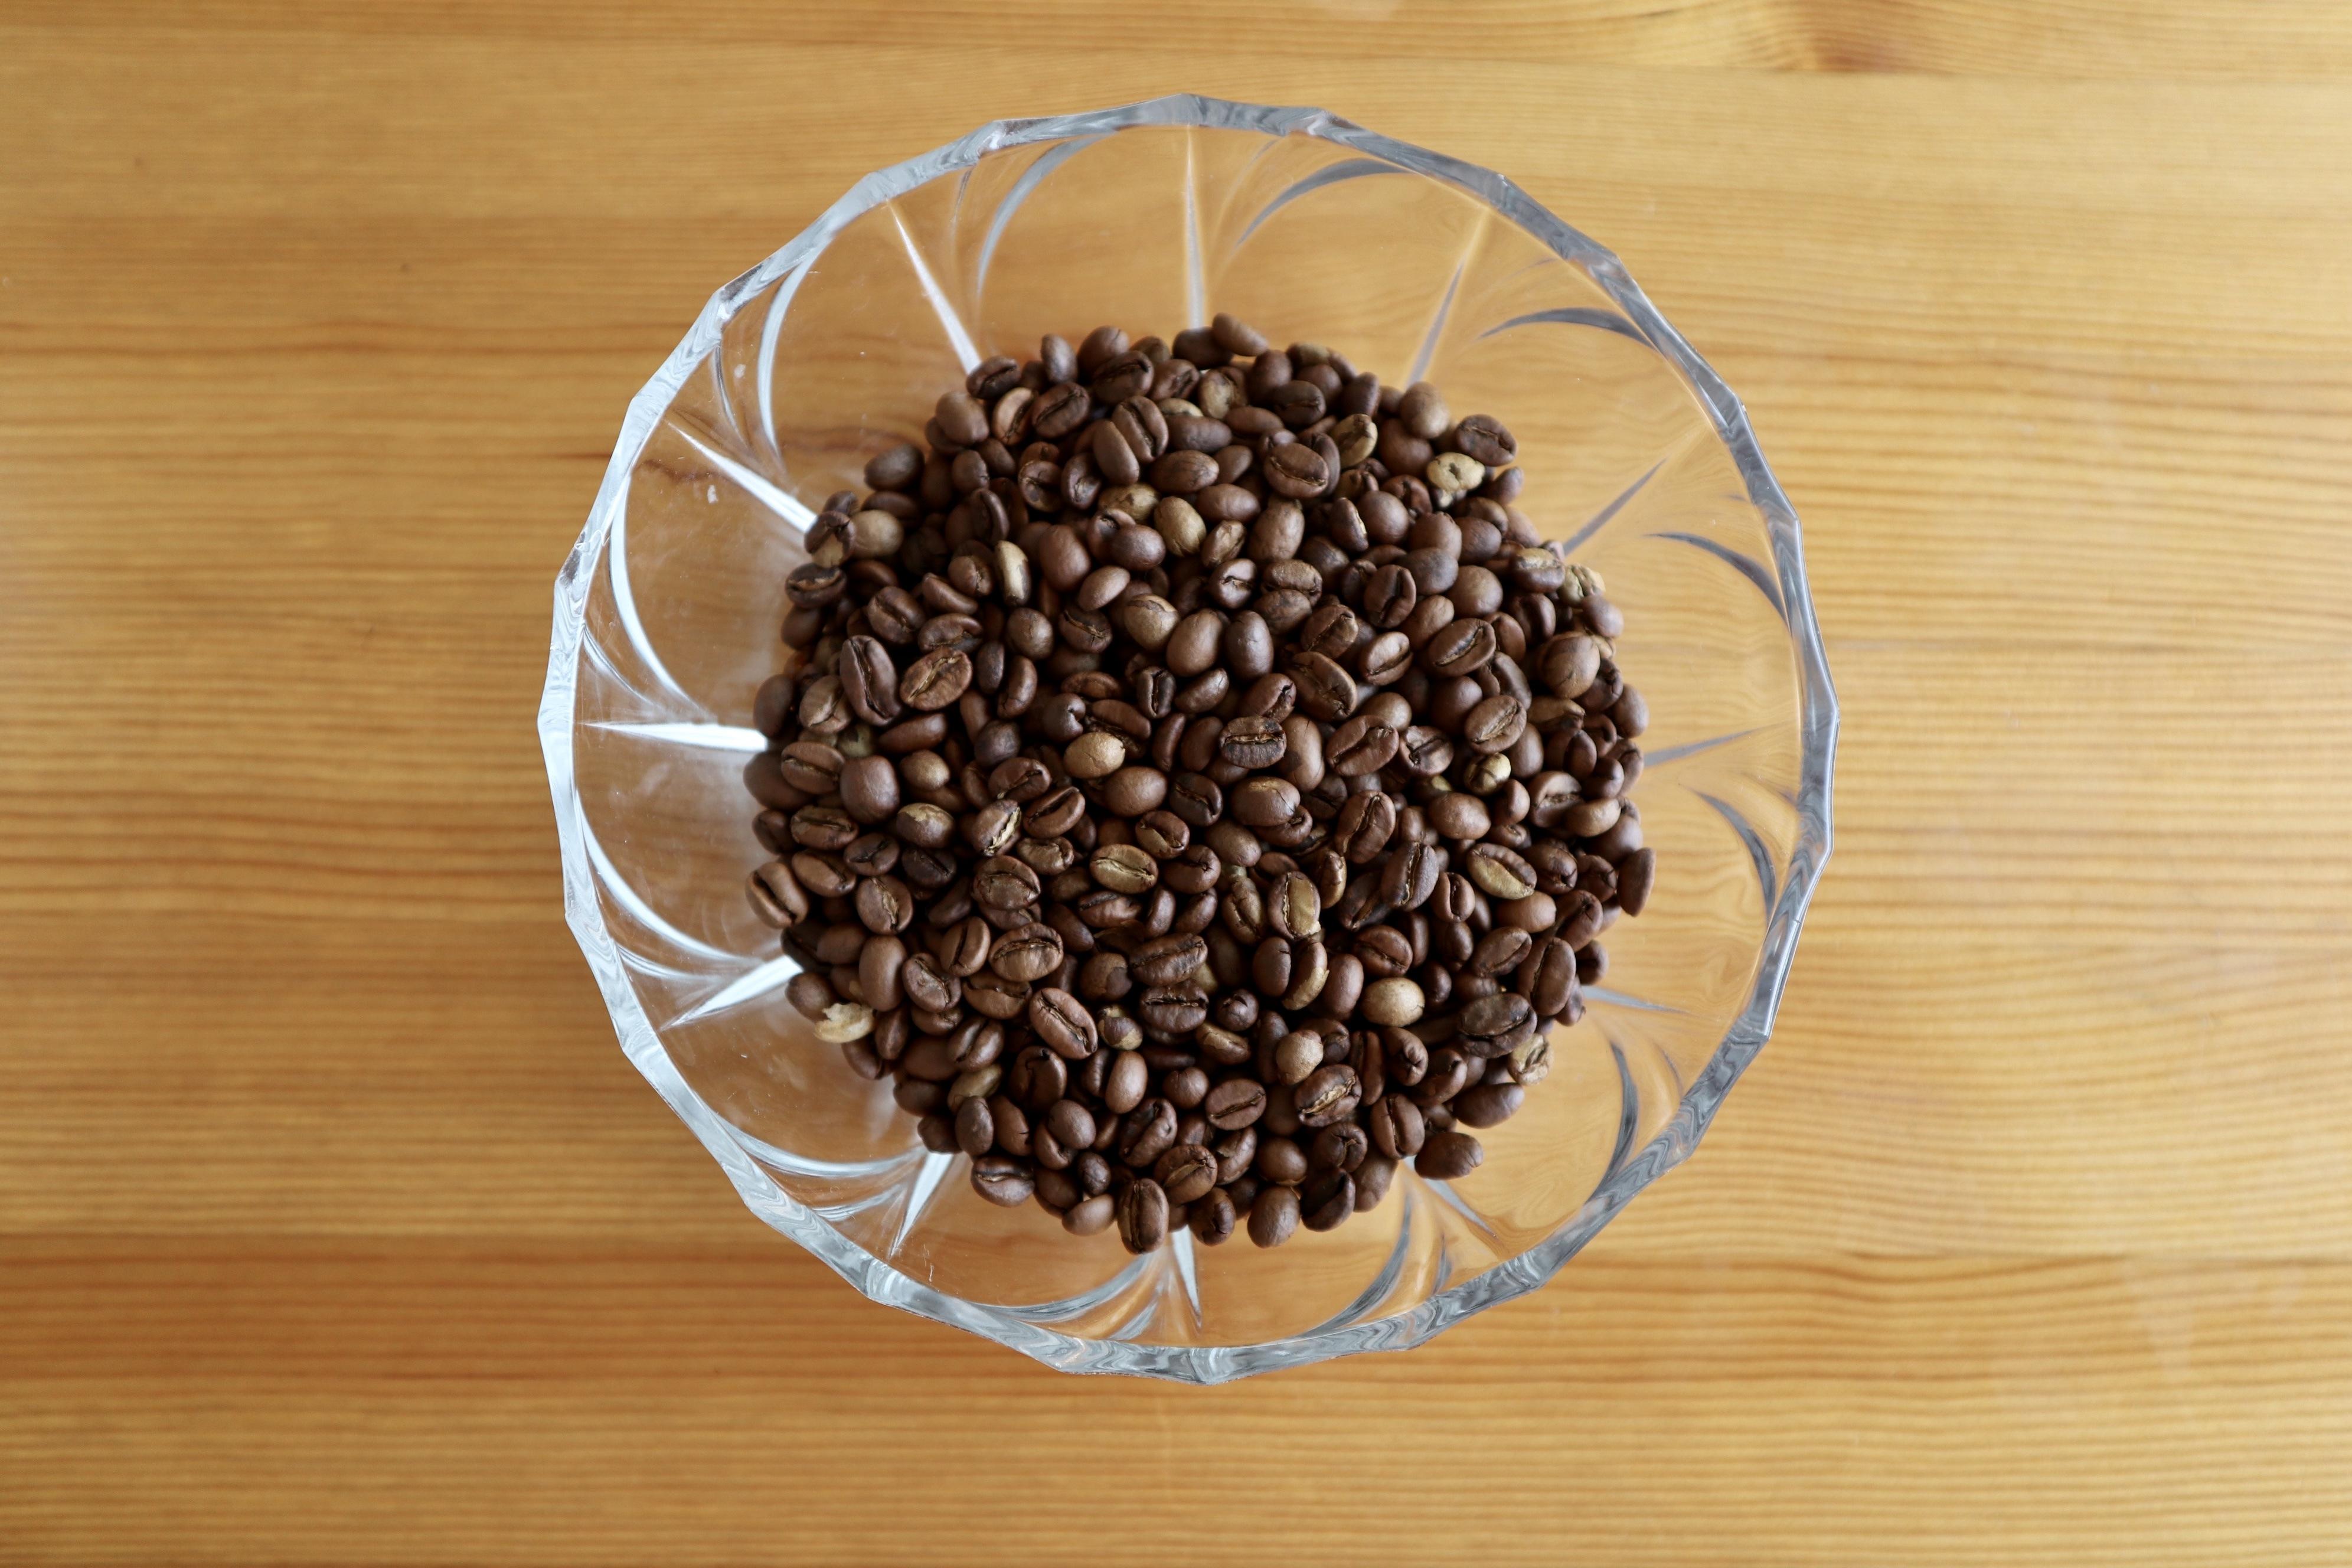 【Dark】スマトラ島 マンデリンG1ダークロースト コーヒー豆 150g